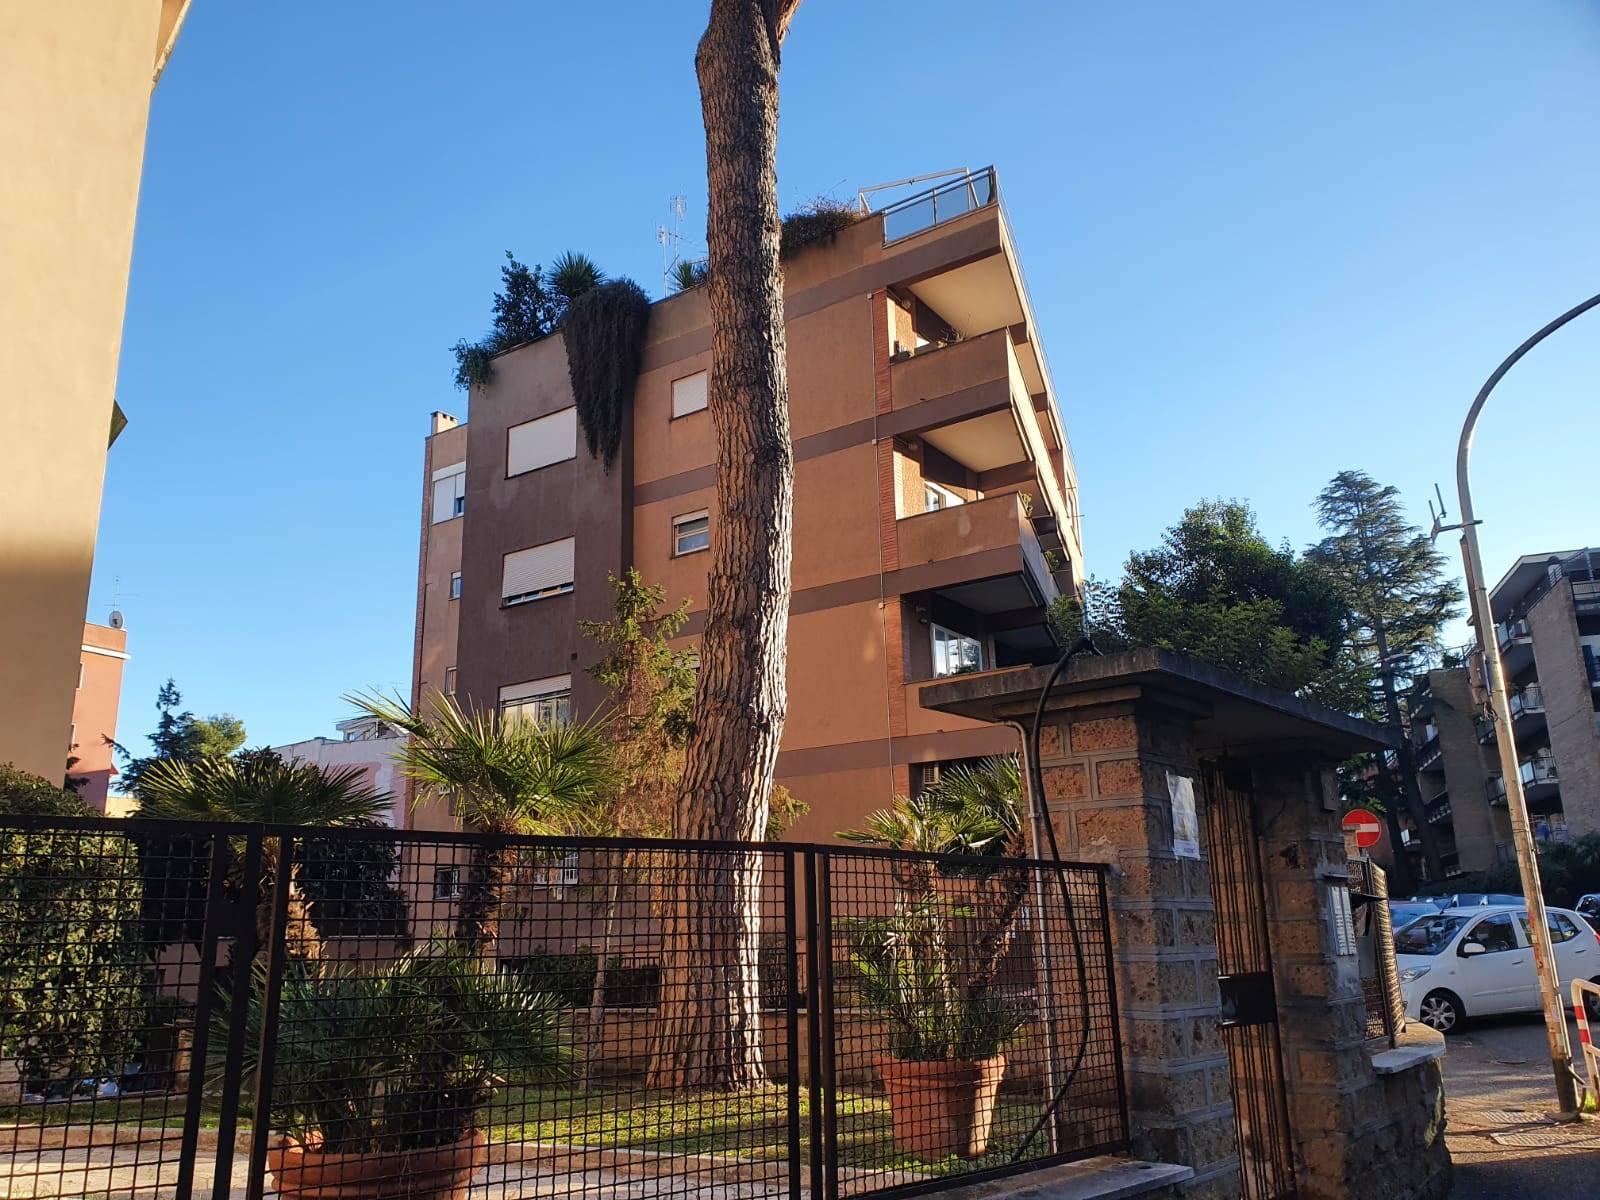 Talenti Via Carlo Dossi a due passi da Via Capuana e da Via Franco Sacchetti proponiamo in affitto appartamento piano alto di mq 145 composto da ingresso, salone, cucina abitabile, tre camere